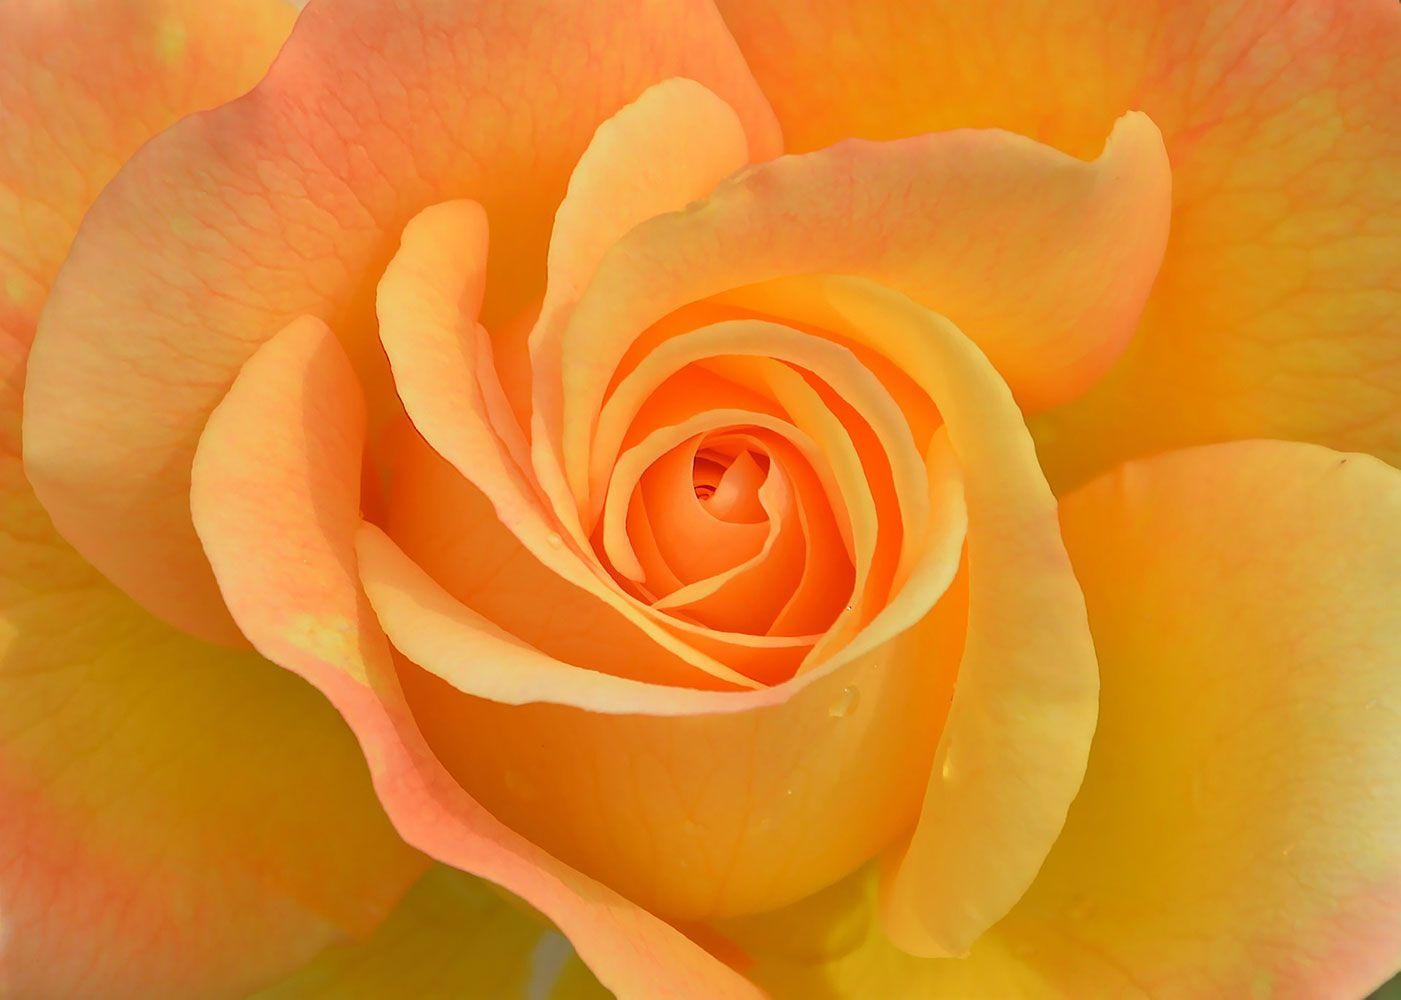 De roos van het inzicht